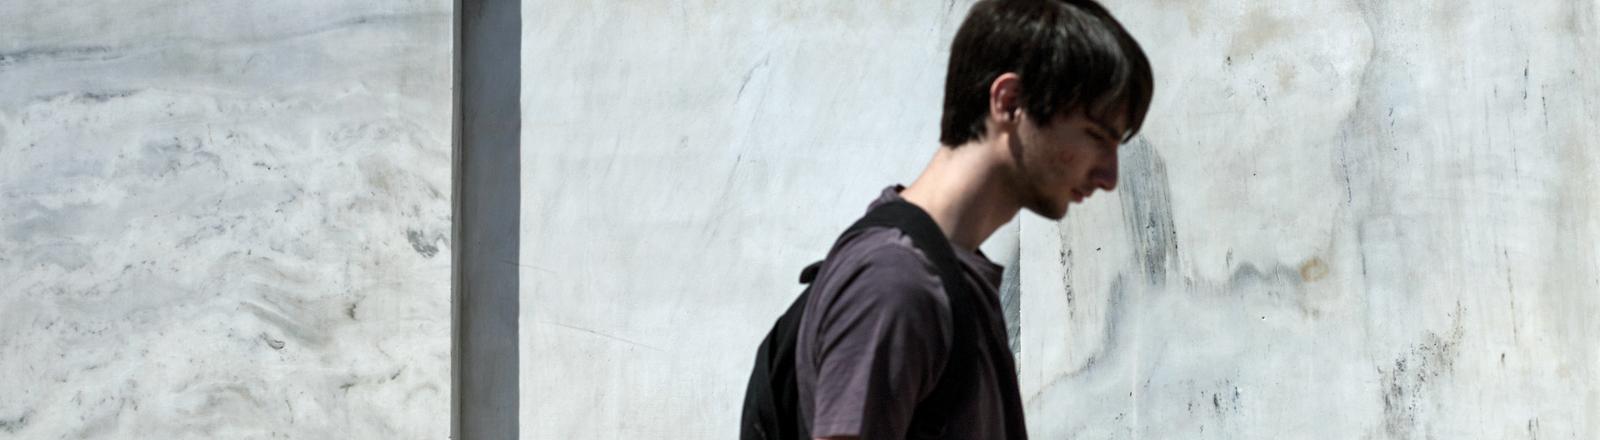 Ein junger Mann vor dem Gebäude der Bank von Griechenland